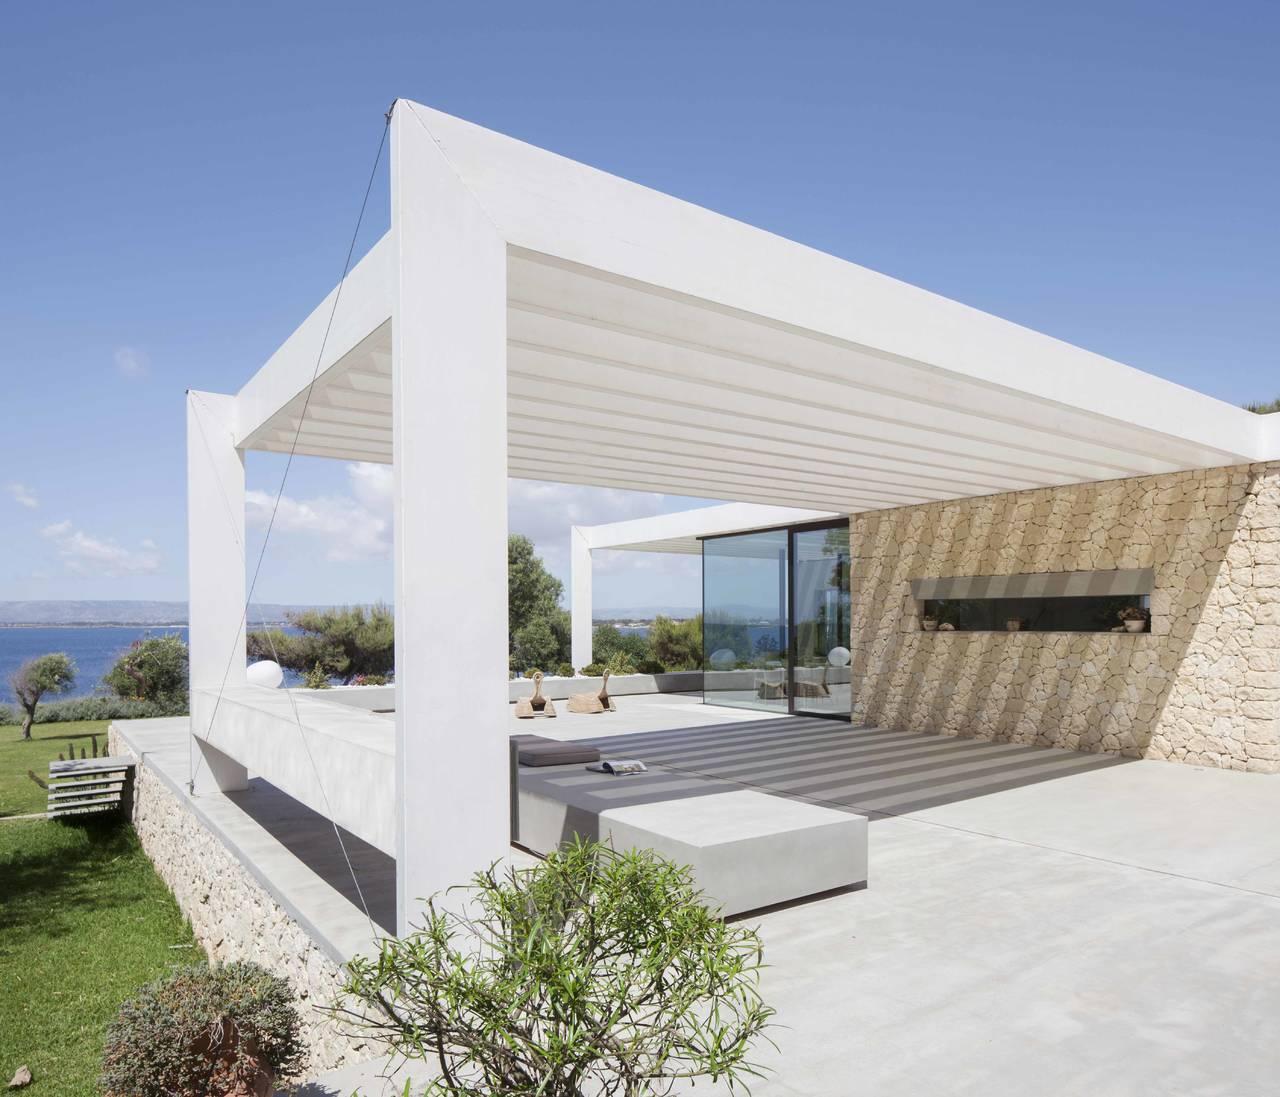 Sch co per una villa in sicilia progetto by studio iraci for Progettazione esterni